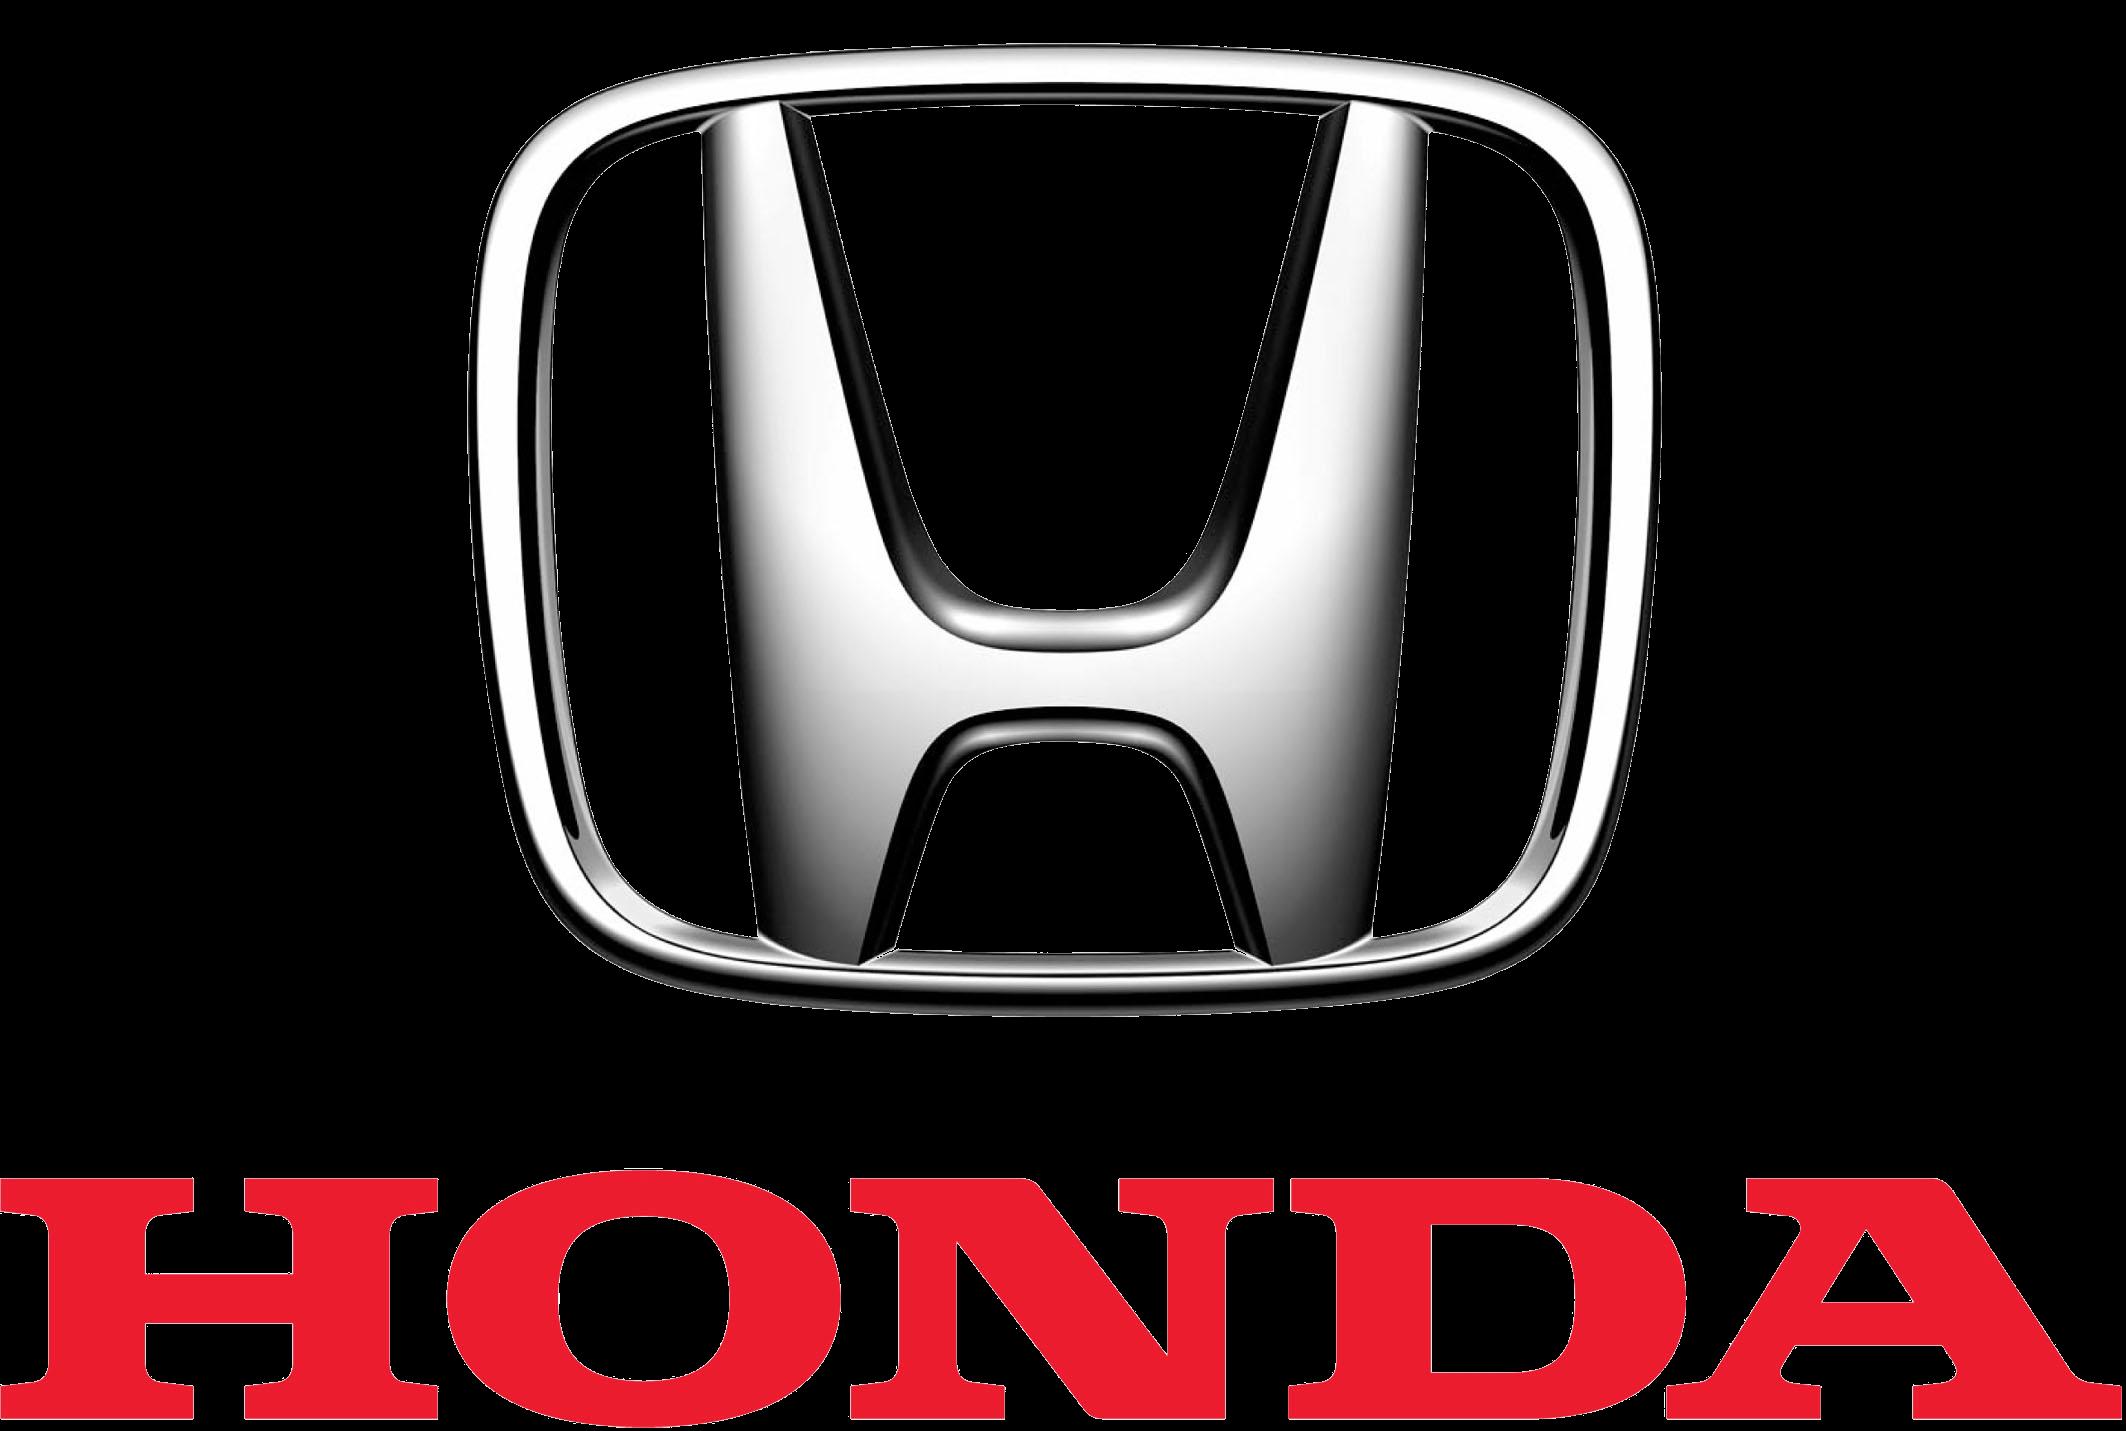 Honda Menghimbau Pemilik Kendaraan Untuk Memastikan Semua Komponen Pengganti Dalam Perbaikan SRS Airbag Dibeli Langsung Dari Dealer Resmi Honda